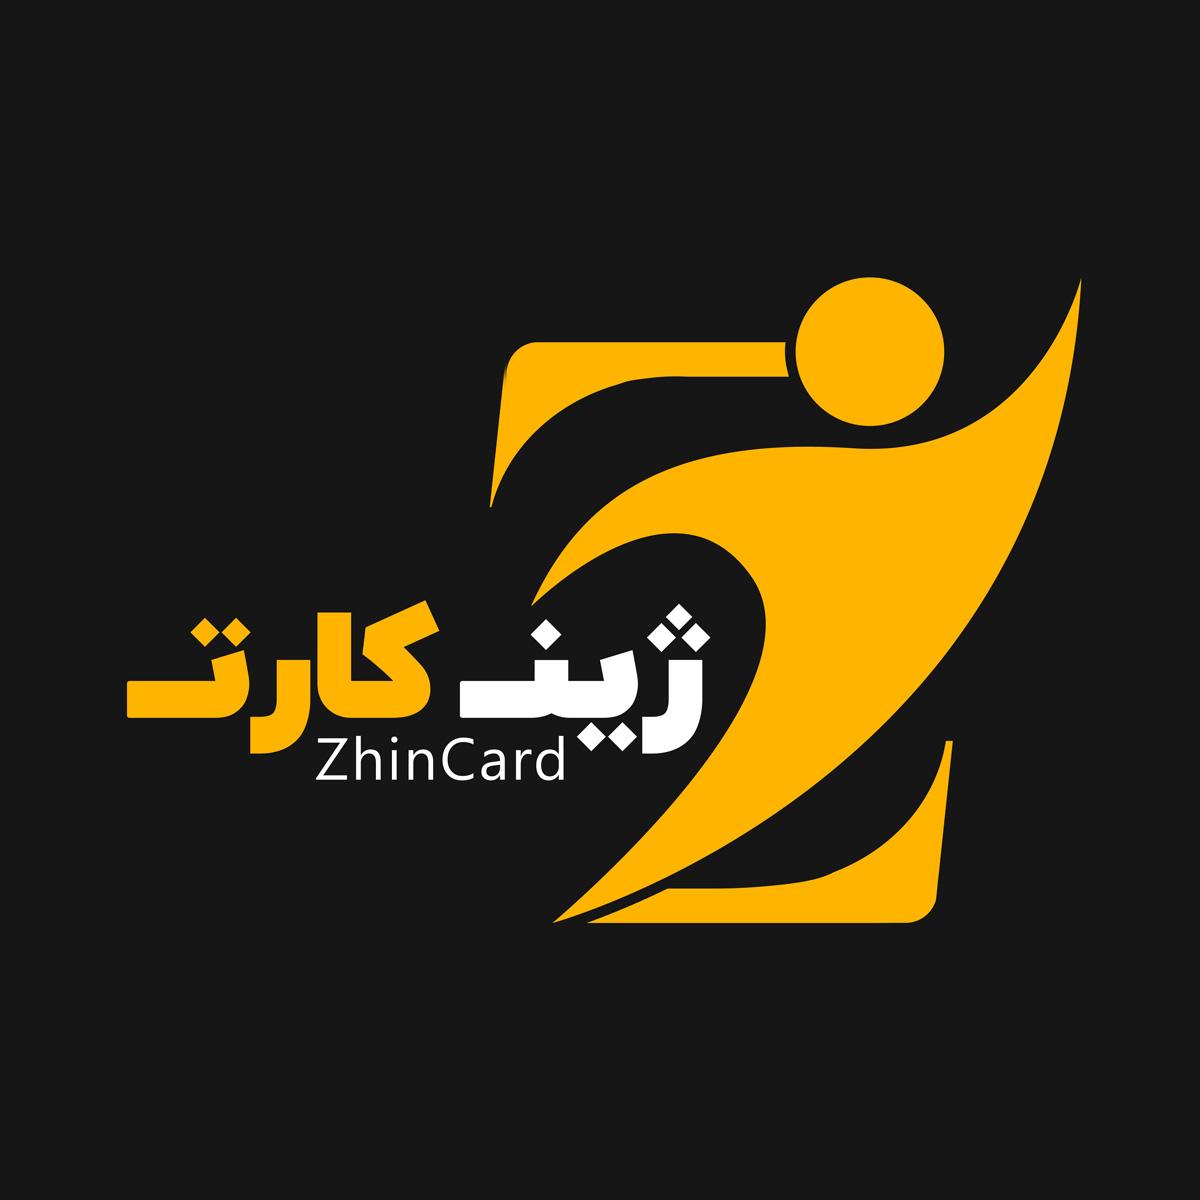 طراحی لوگوی ژین کارت